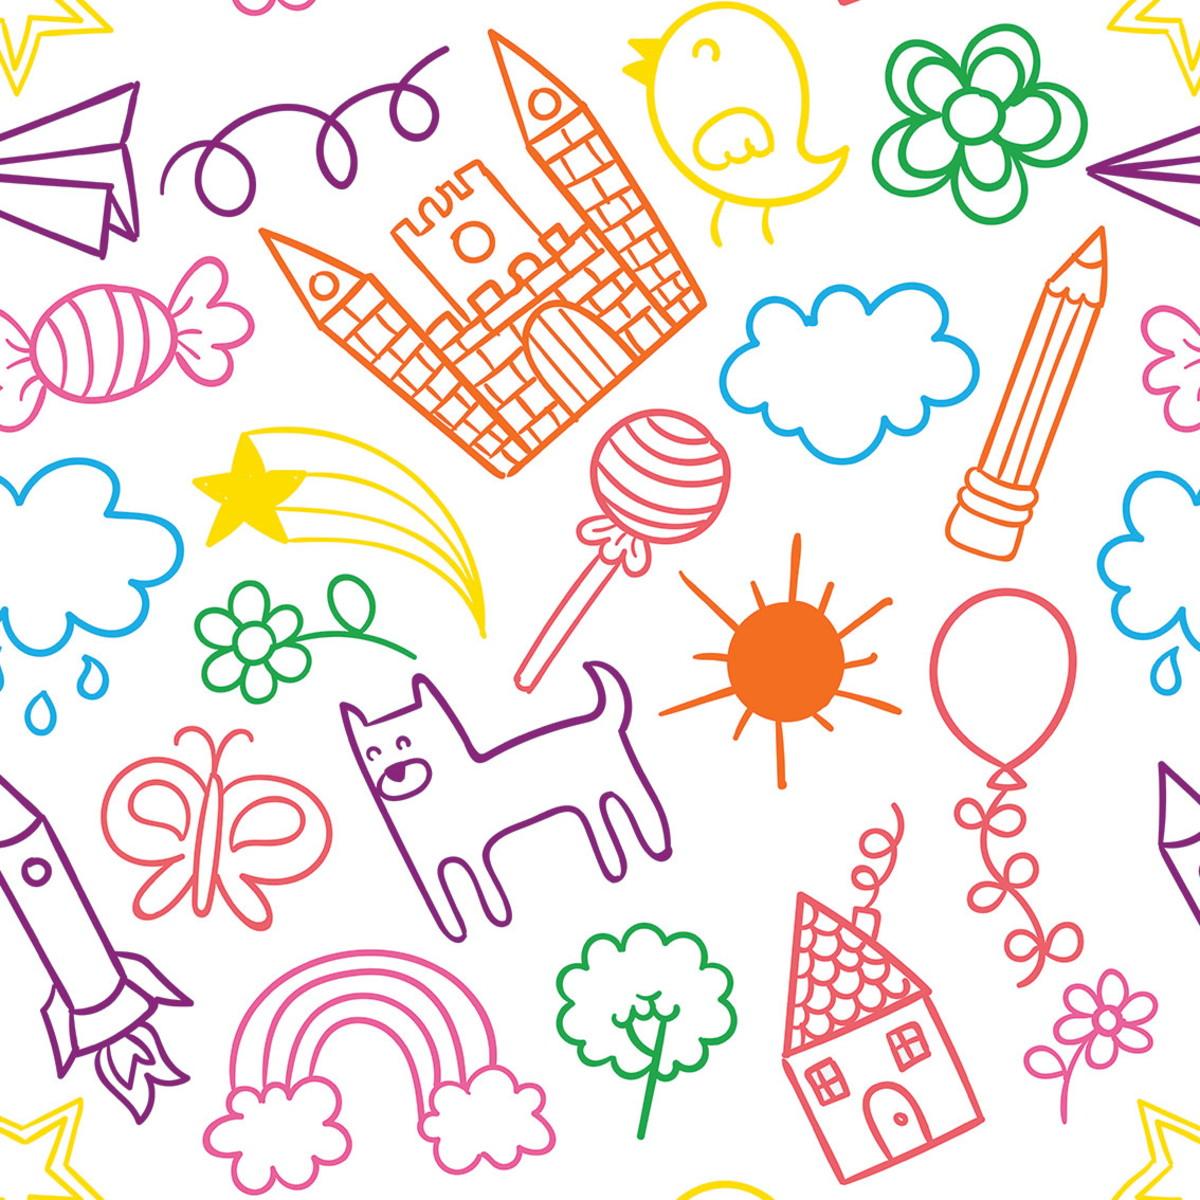 Papel De Parede Infantil Colorido Desenhos Criancas Ssin 007 No